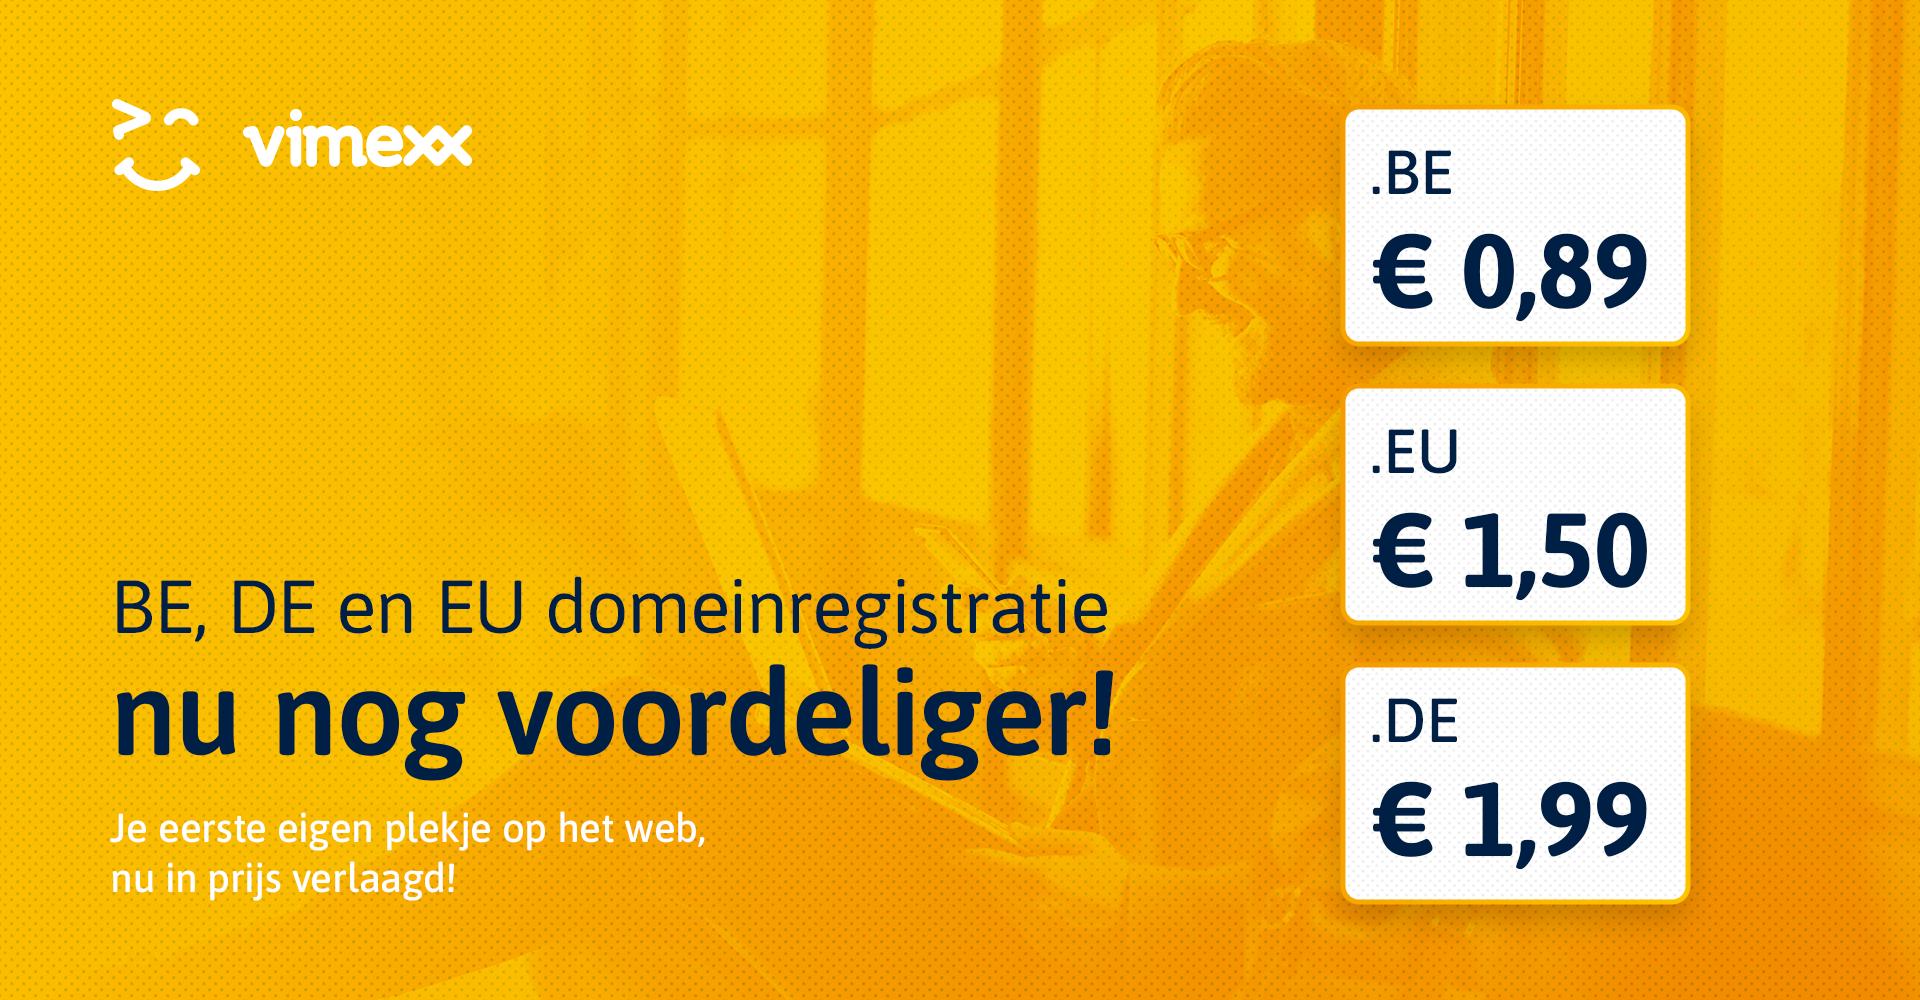 BE, DE en EU domeinen nu nog voordeliger!